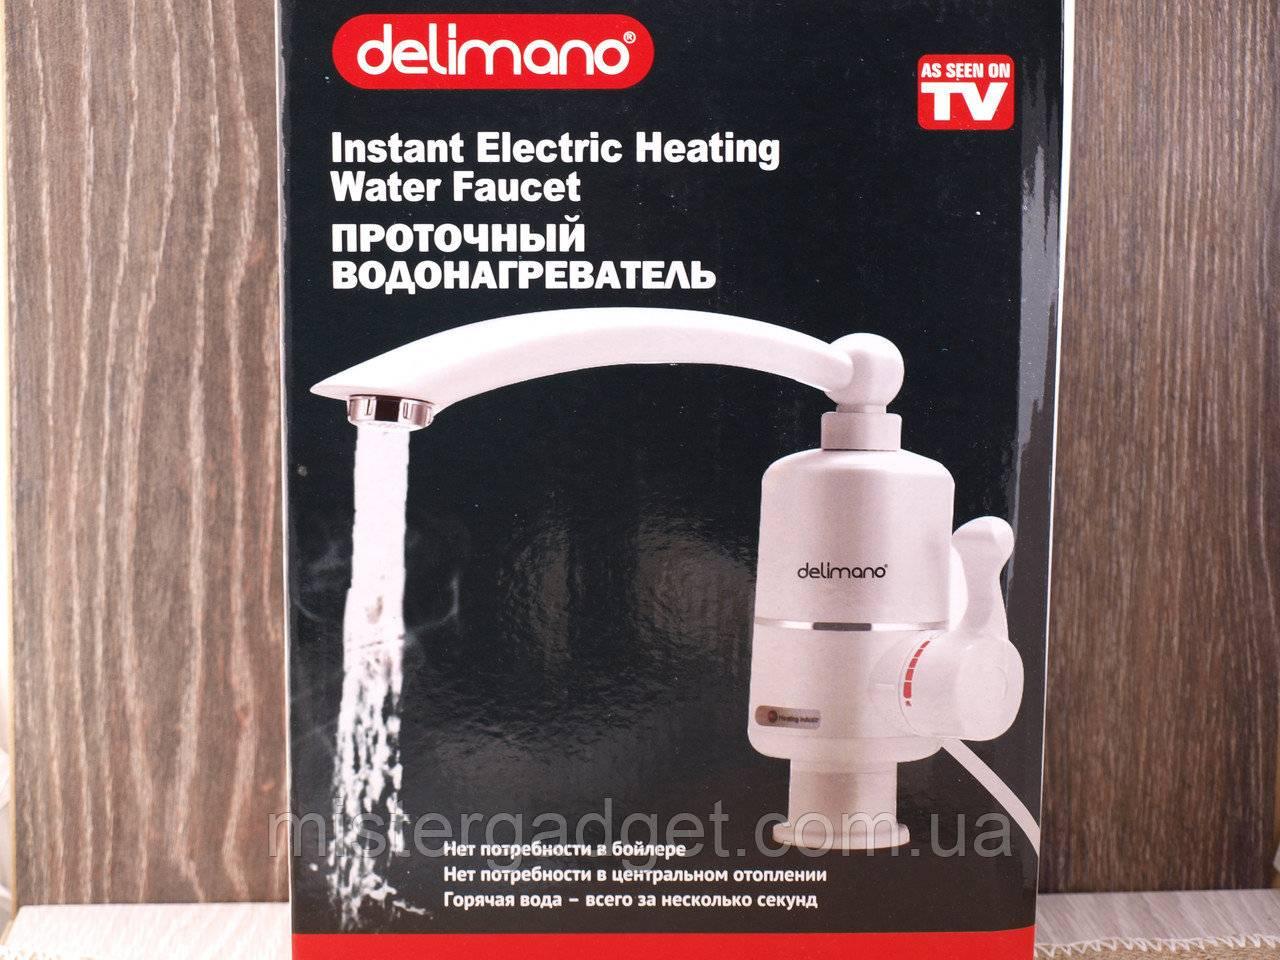 Delimano водонагреватель - характеристики и отзывы